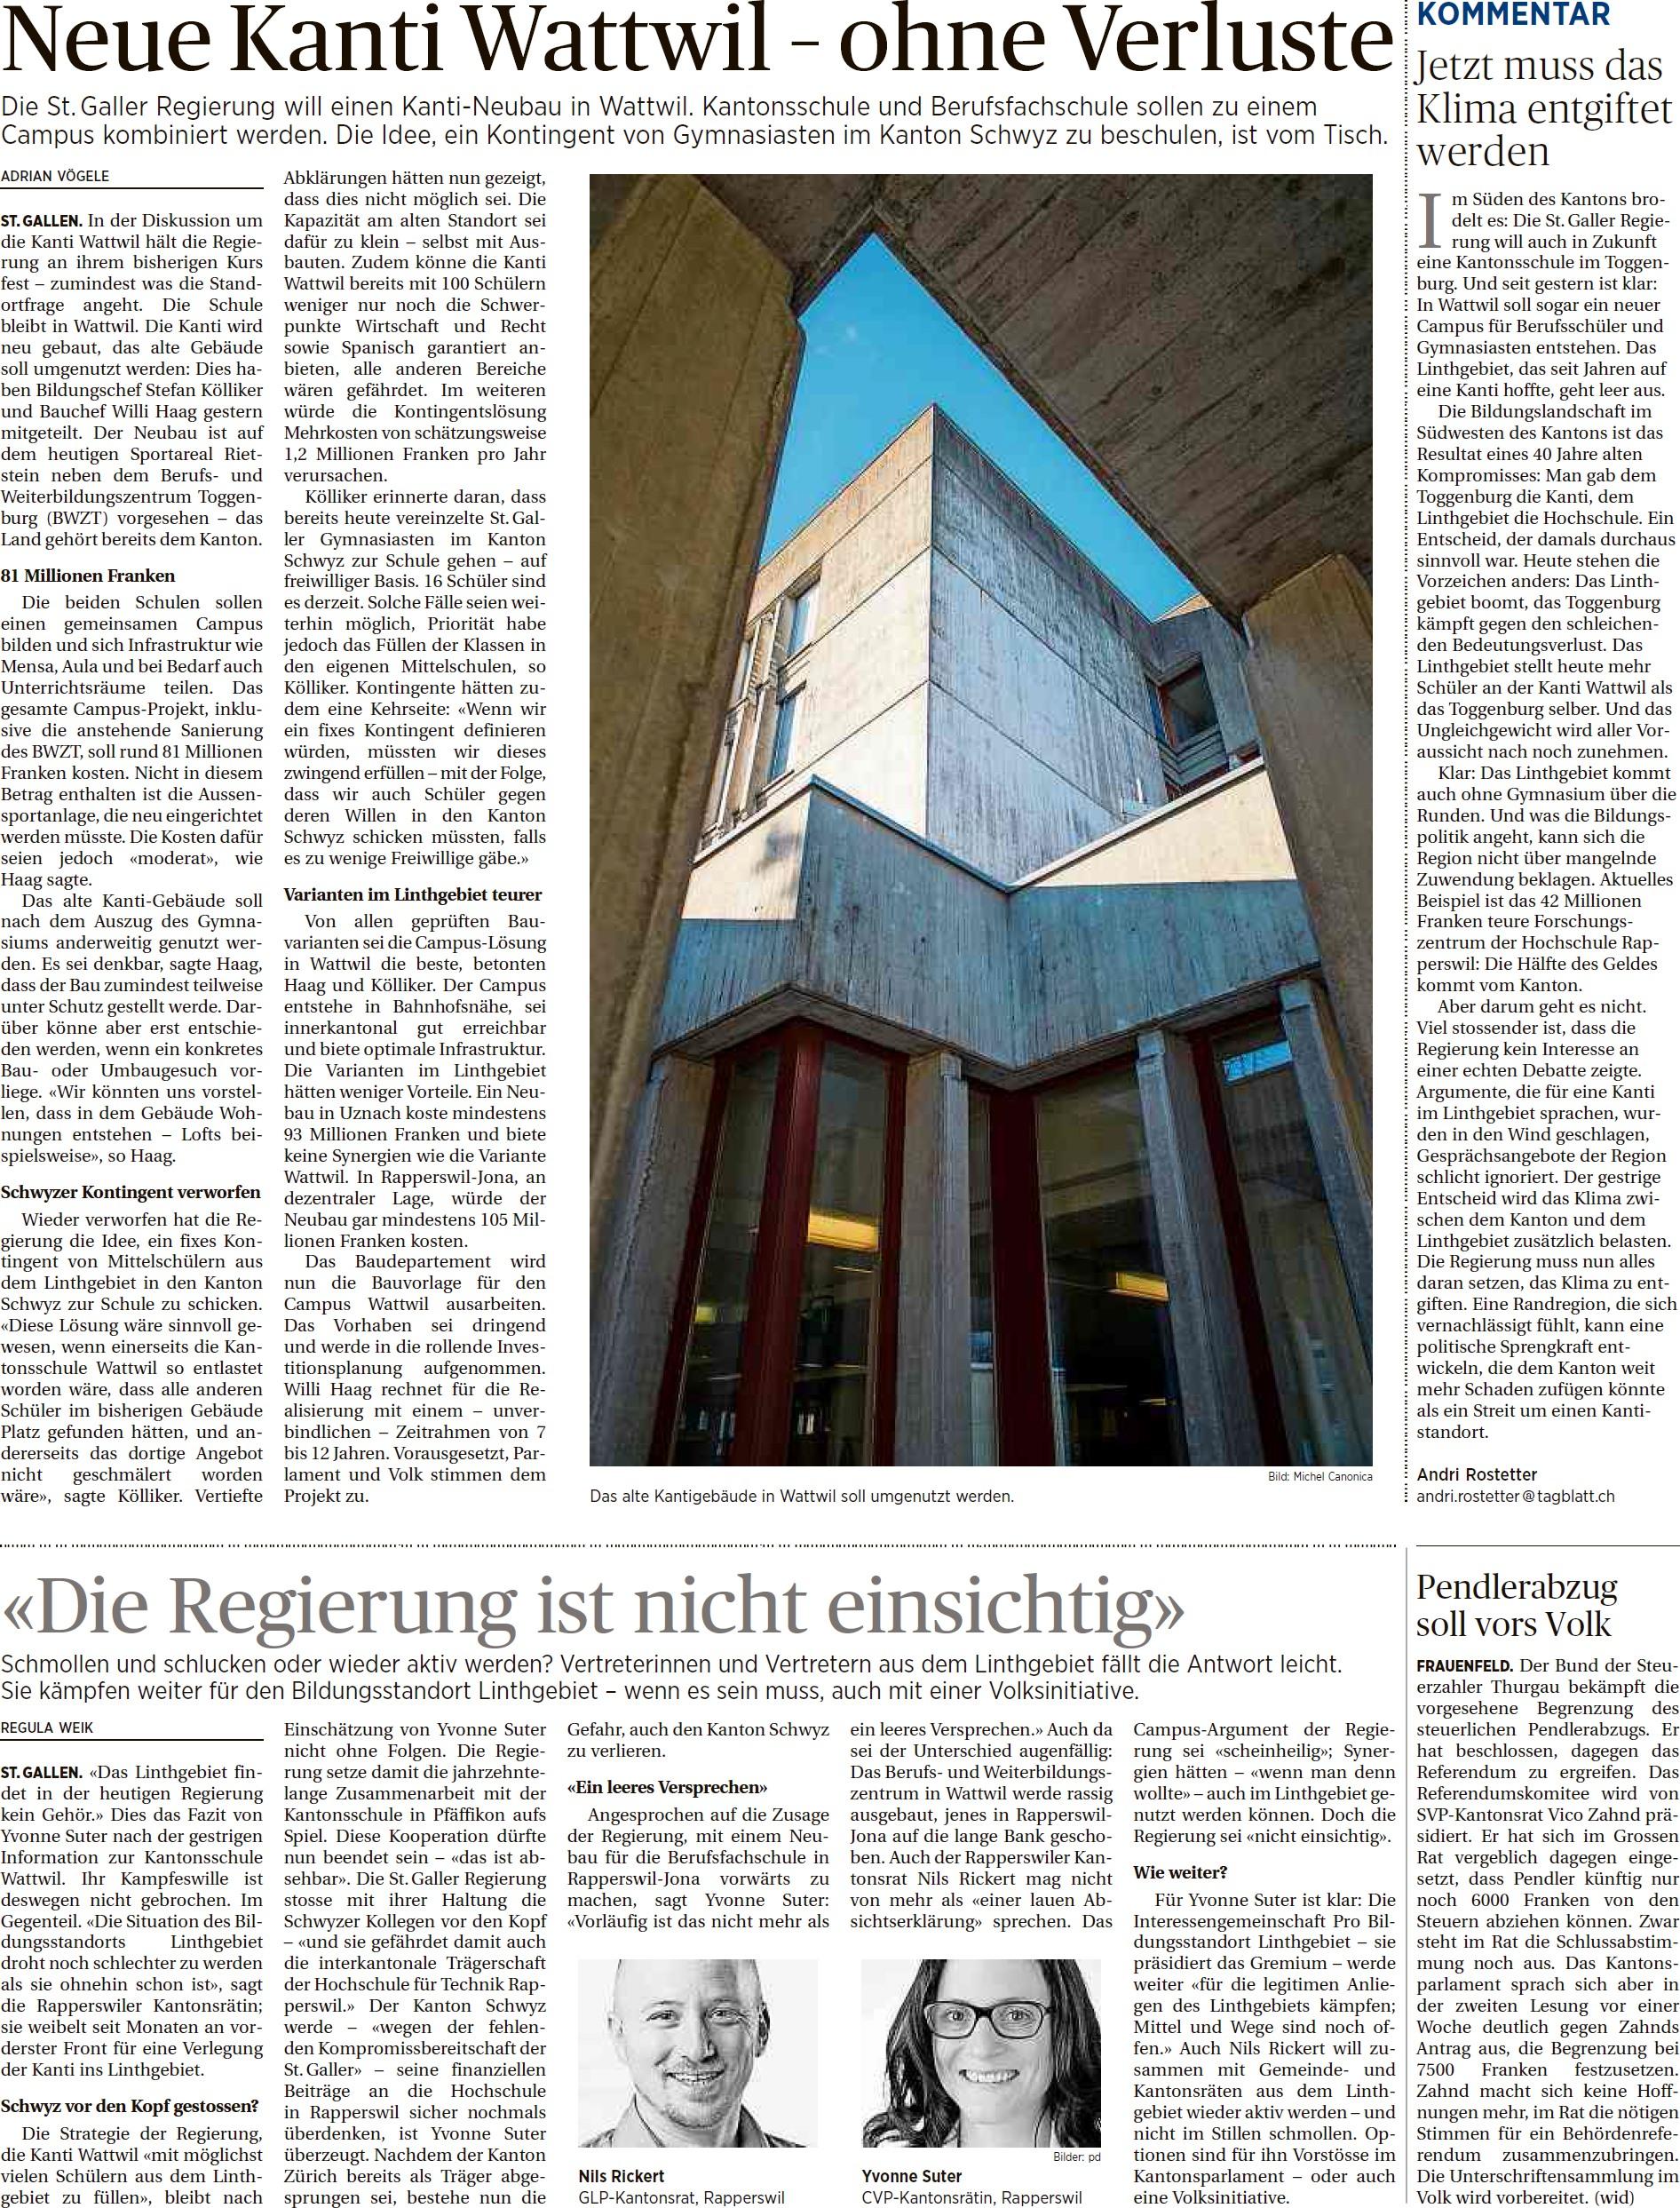 Neue Kanti Wattwil – ohne Verluste (Dienstag, 31.03.2015)